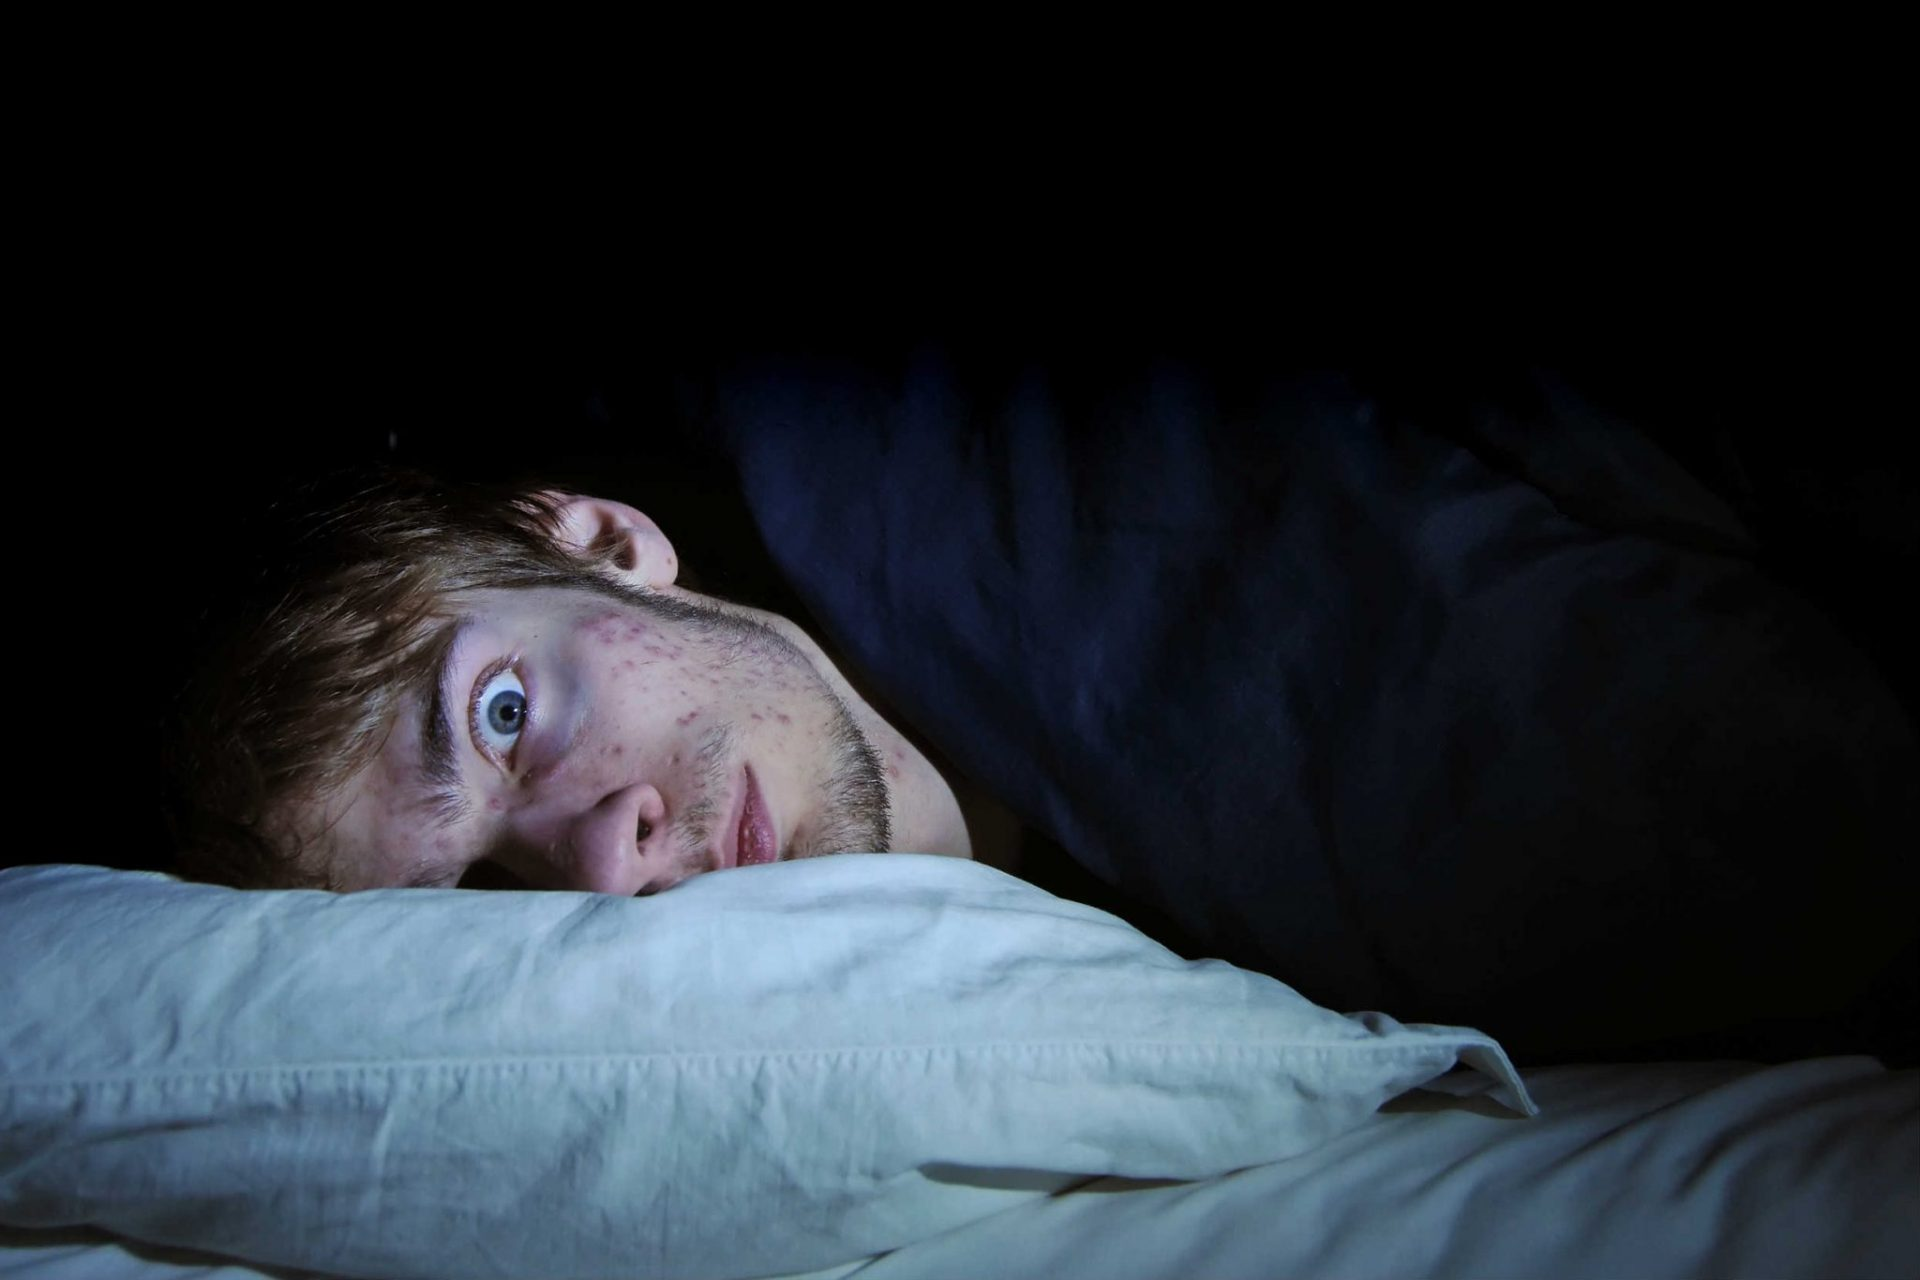 insônia, sono, falta de sono, dormir, dormir mal, noite em claro